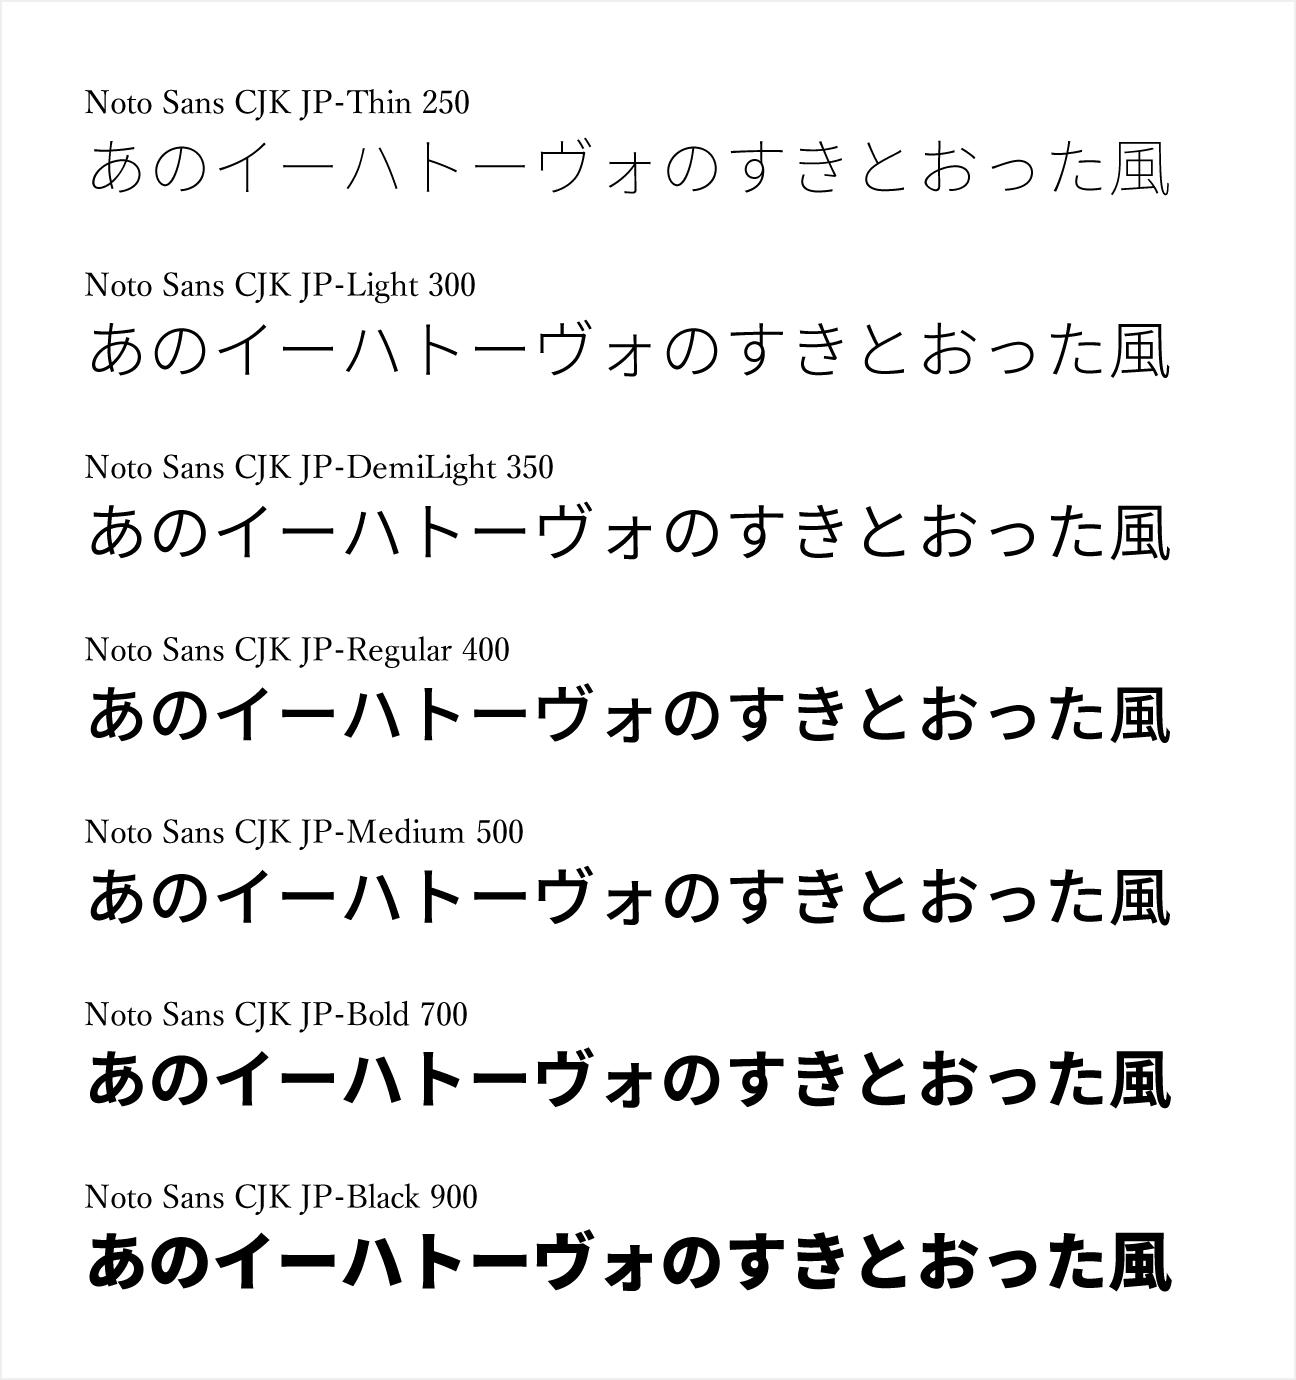 retina_notosans_sample